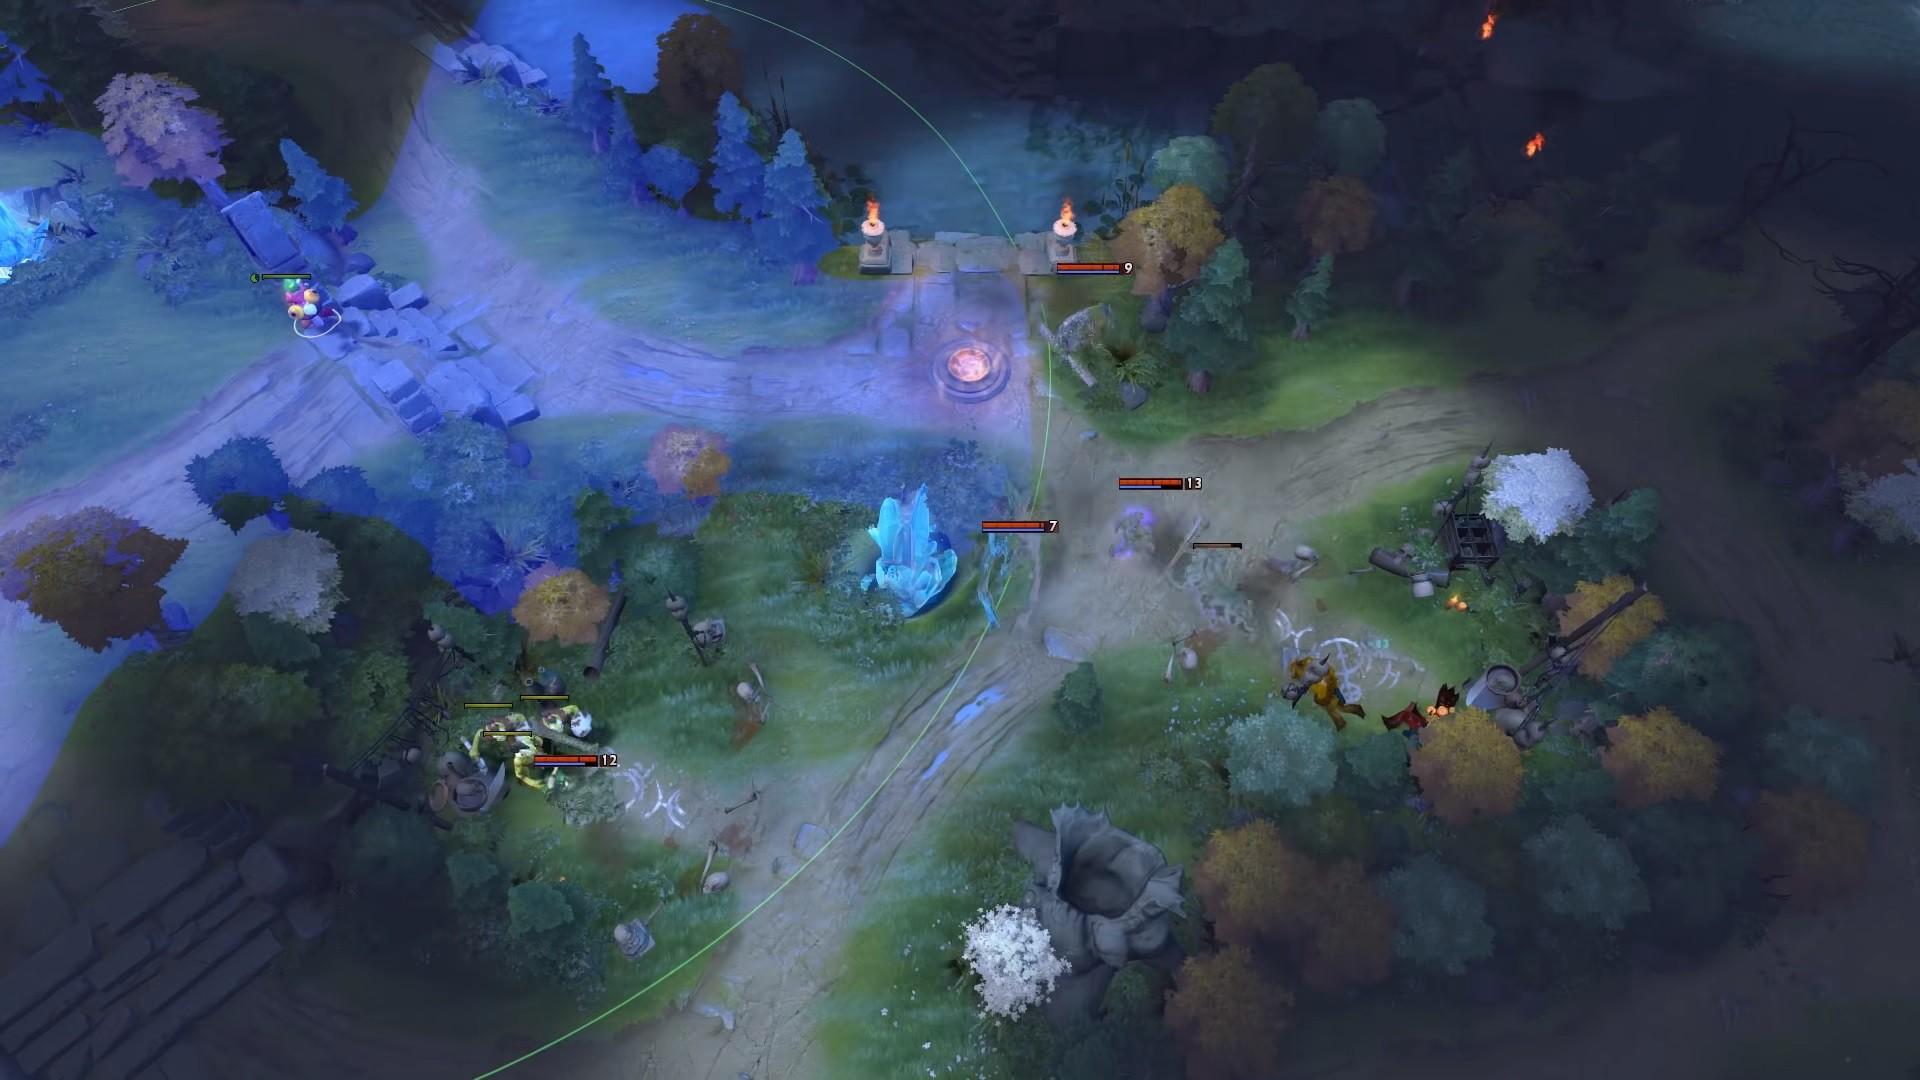 Game thủ chuyên nghiệp thản nhiên sử dụng hack map tại giải đấu có tổng tiền thưởng lên tới 350 triệu VNĐ - Ảnh 3.